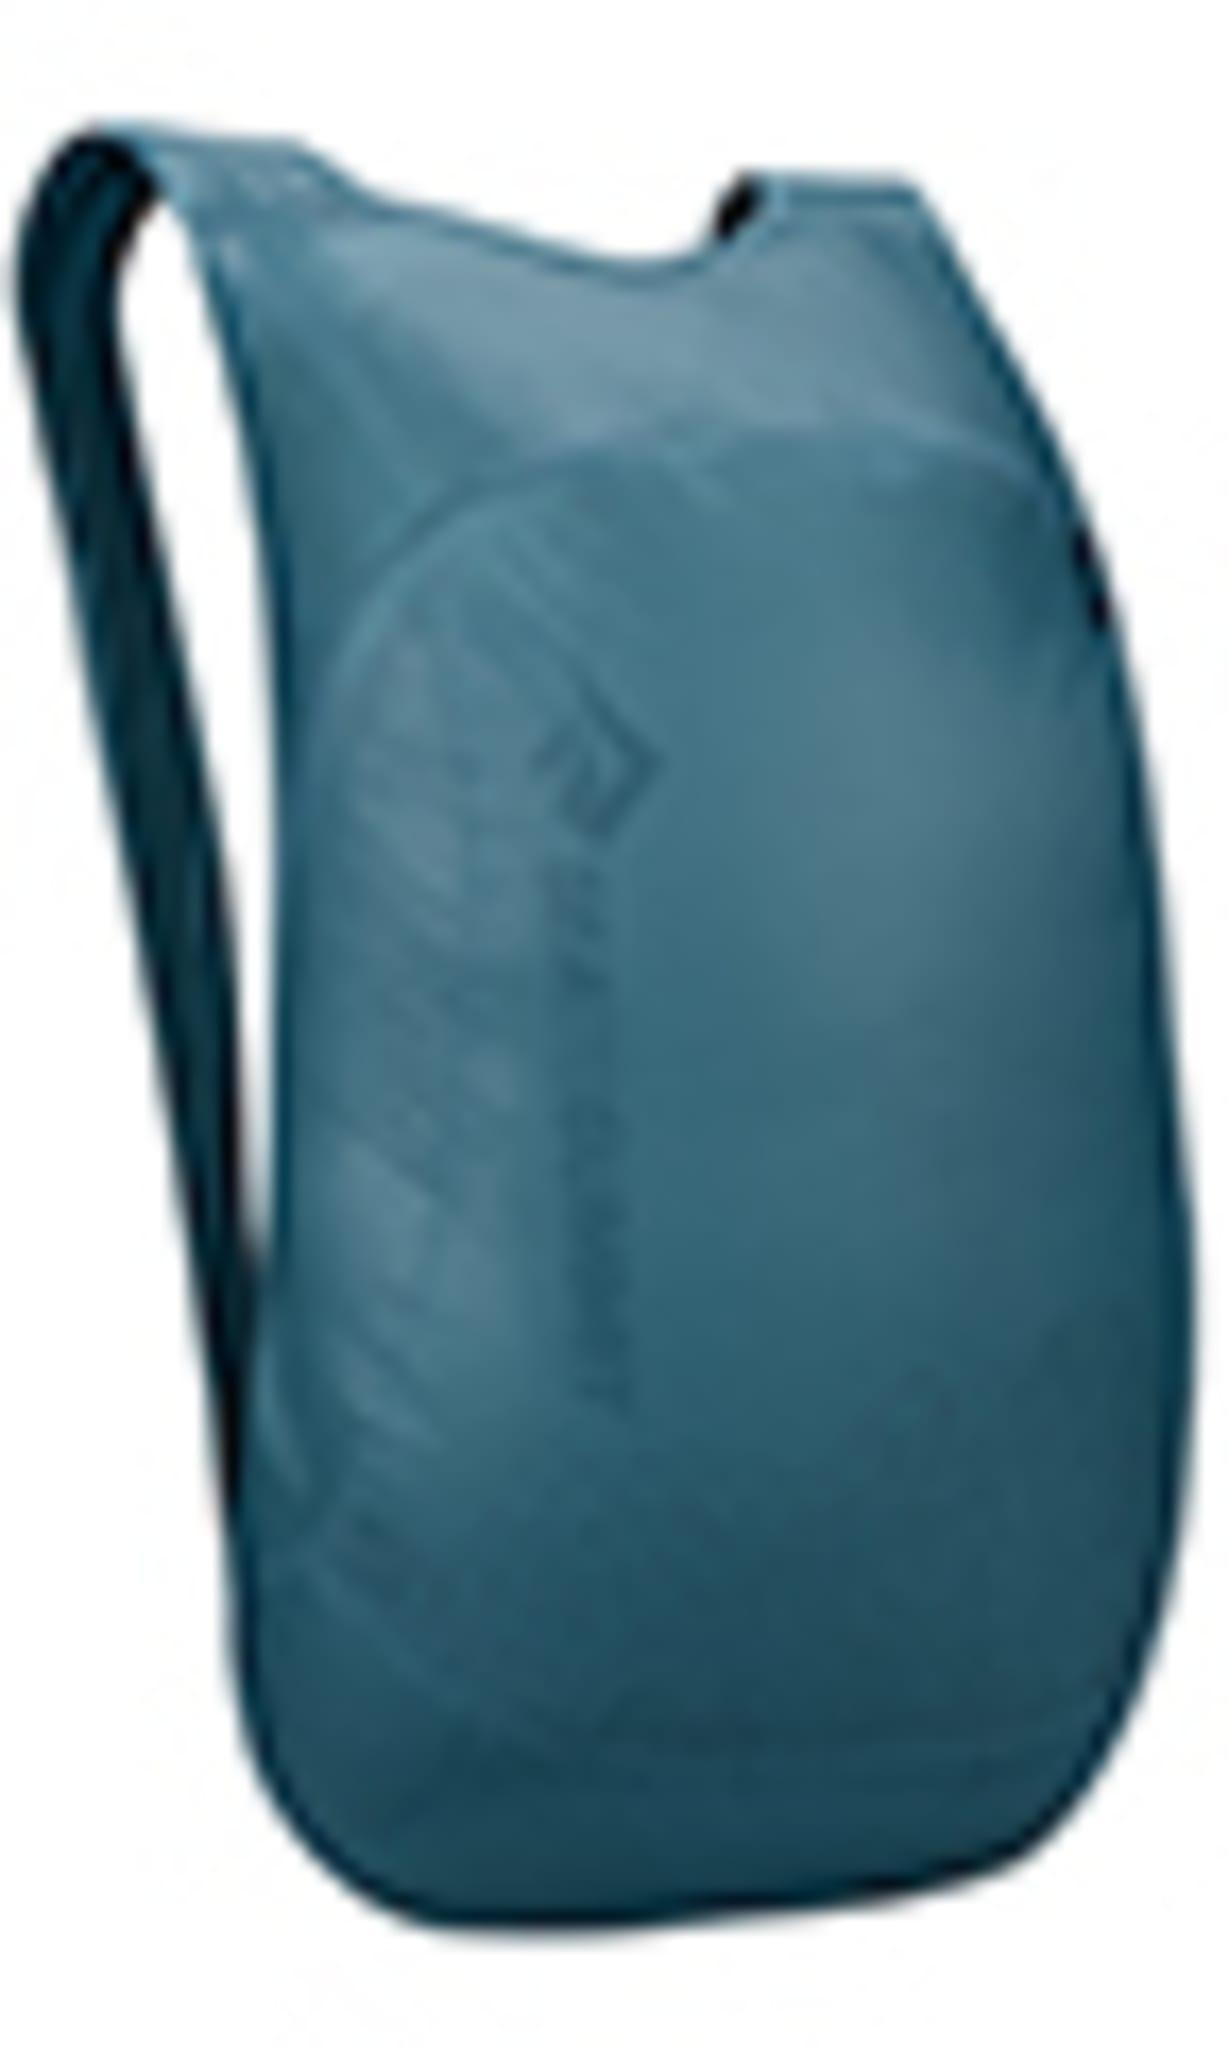 Ultralett følgesvenn, tåler opp til 20 kg.